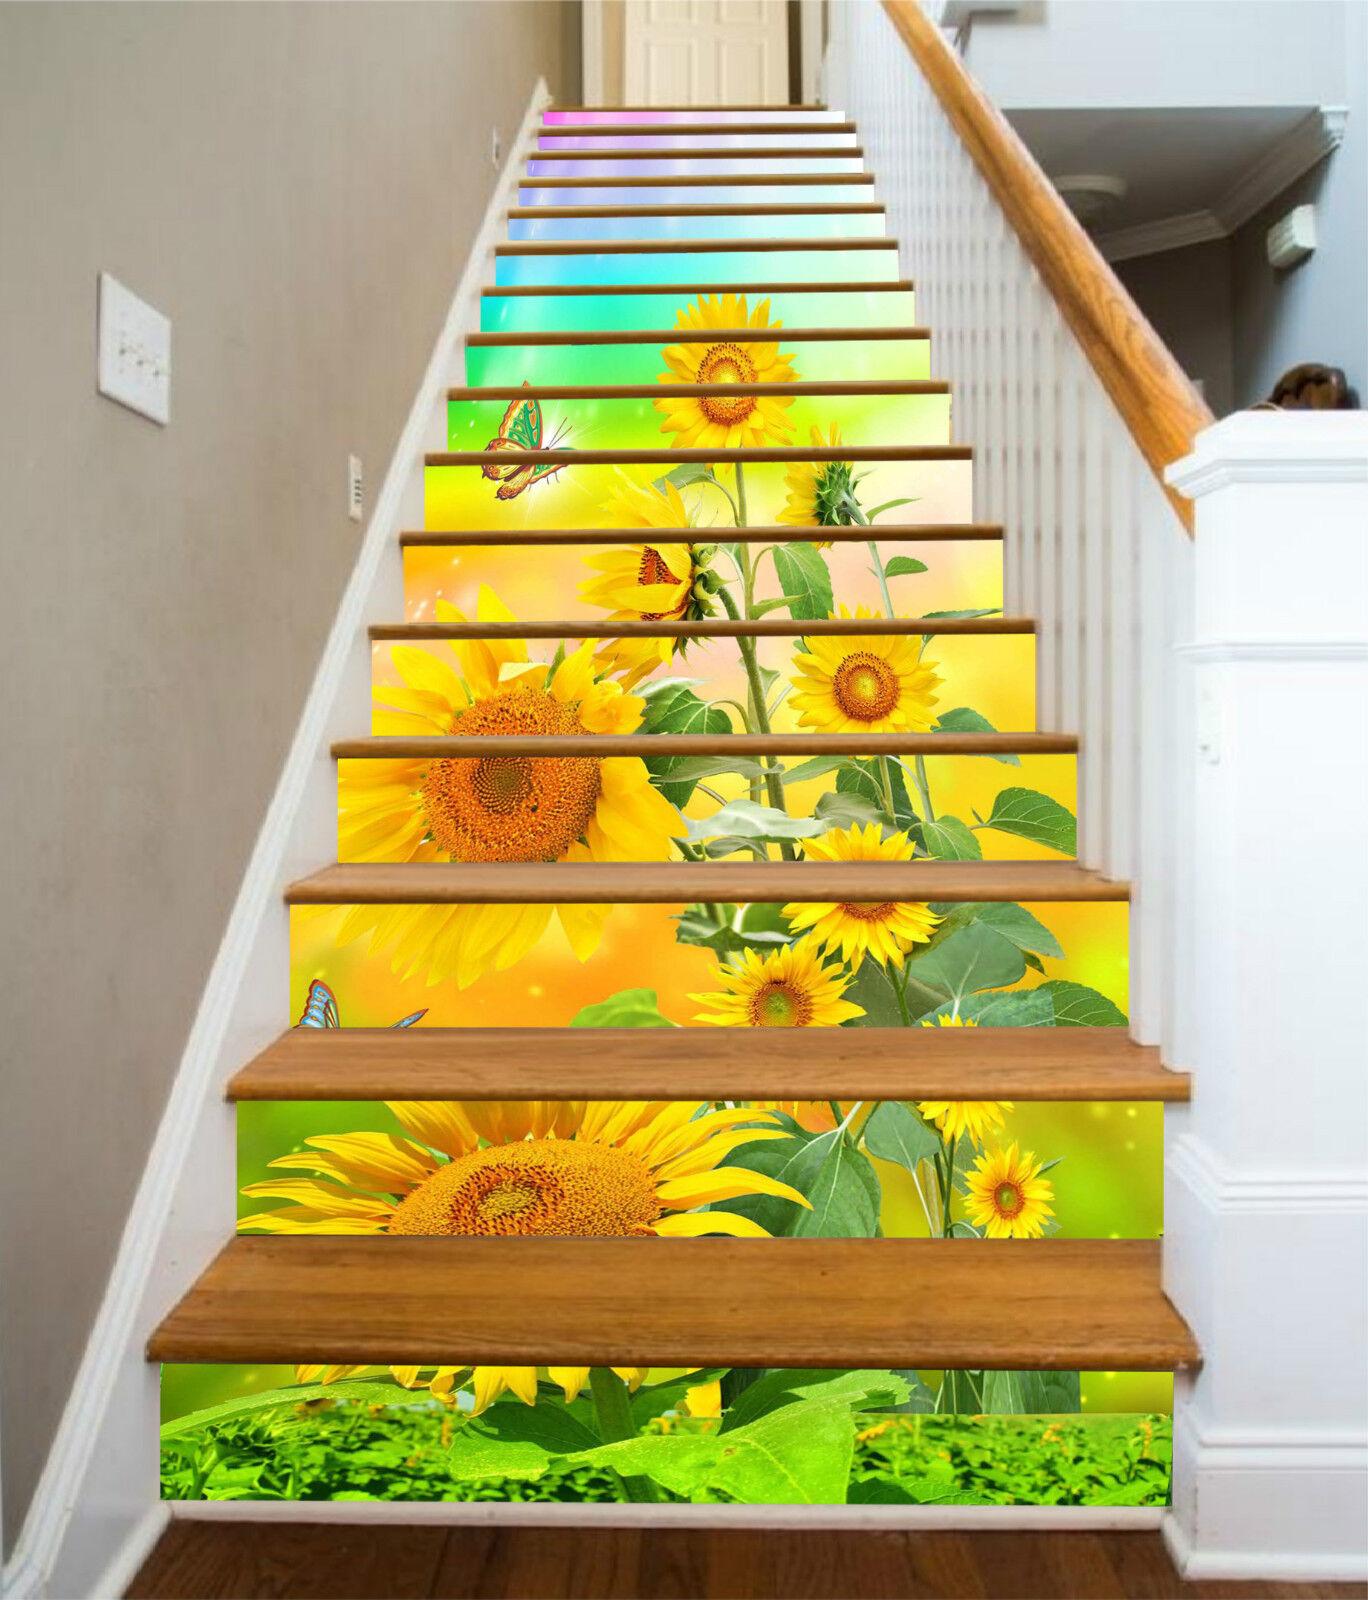 3d Tournesol 232 Stair Risers Décoration Papier Peint Vinyle Autocollant Papier Peint De